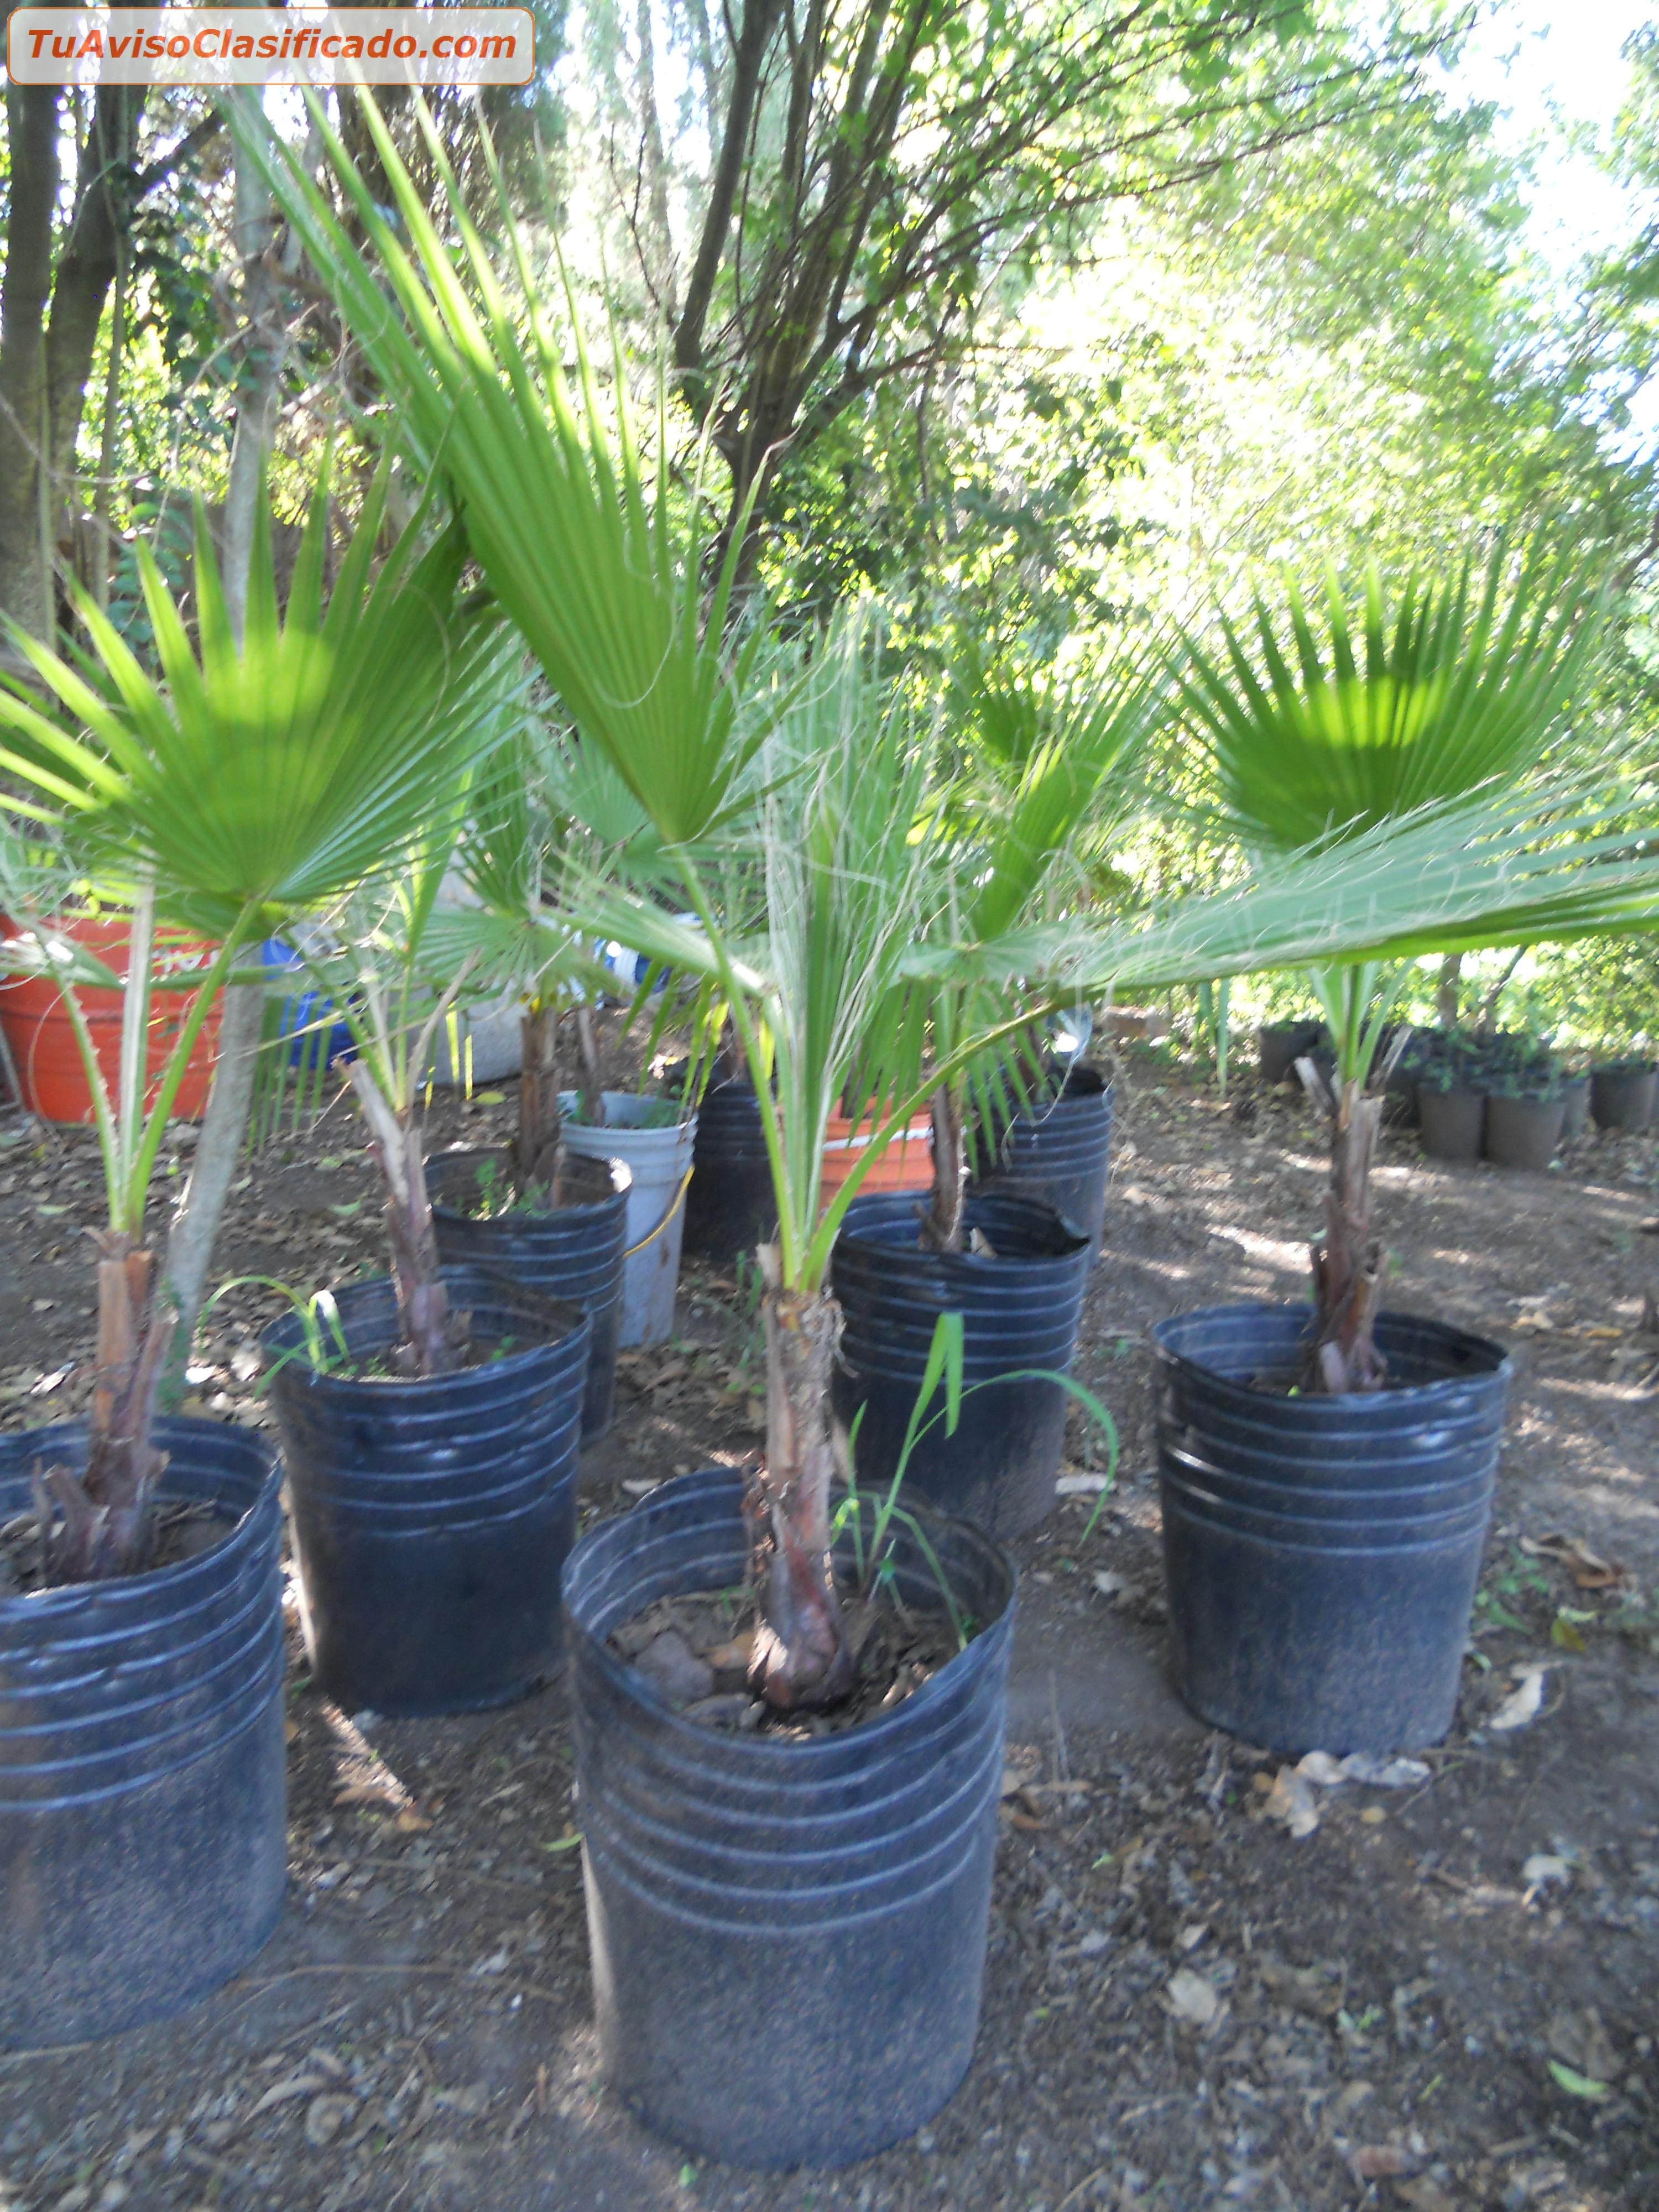 Plantas y semillas de jard n y viveros en for Vivero casa jardin